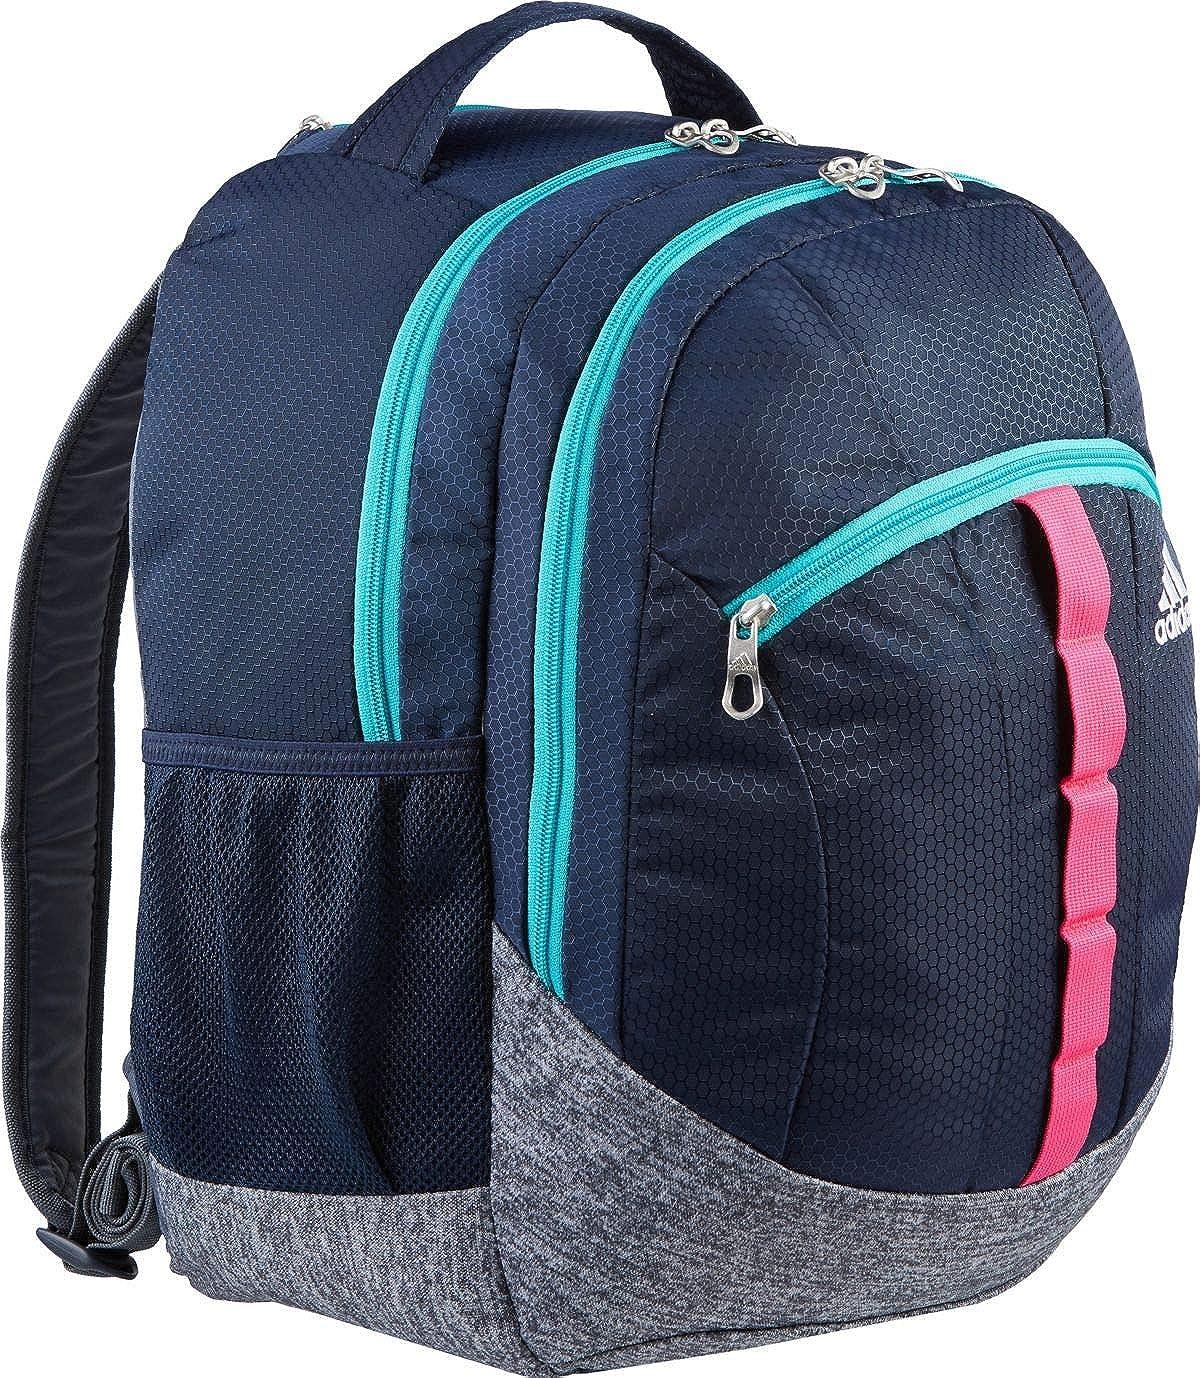 adidas Stratton XL Backpack Blue Grey